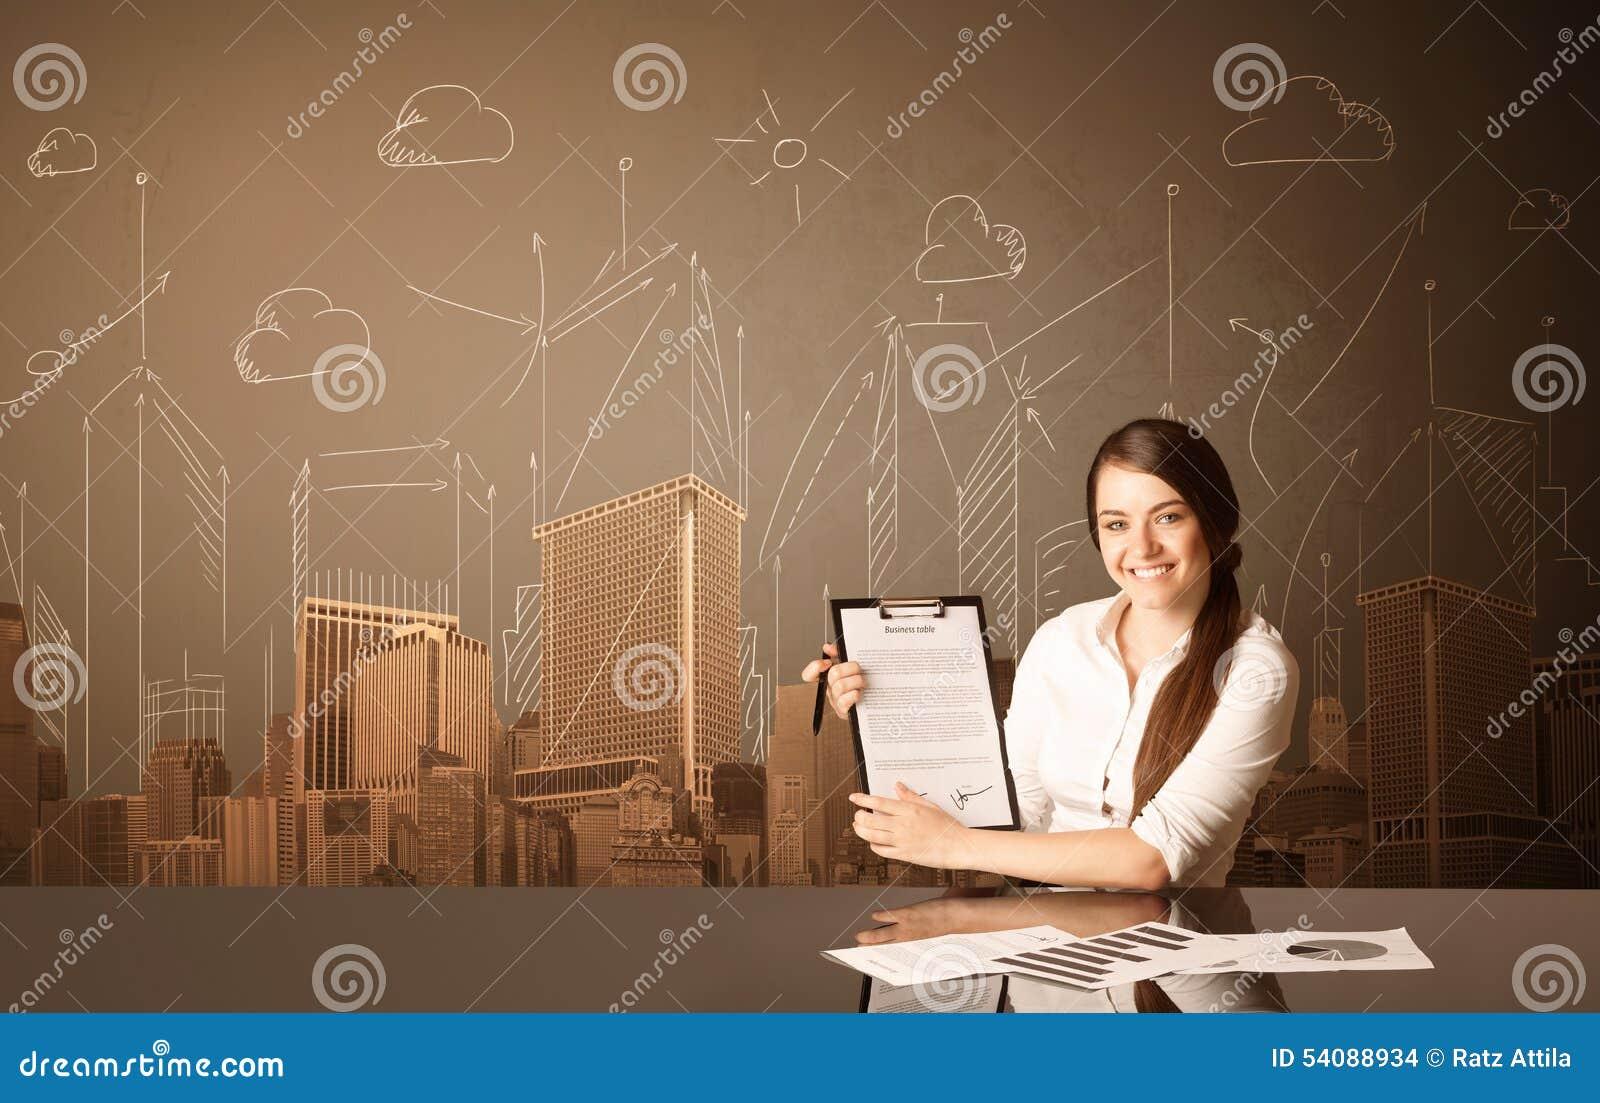 Onderneemster met gebouwen en metingen